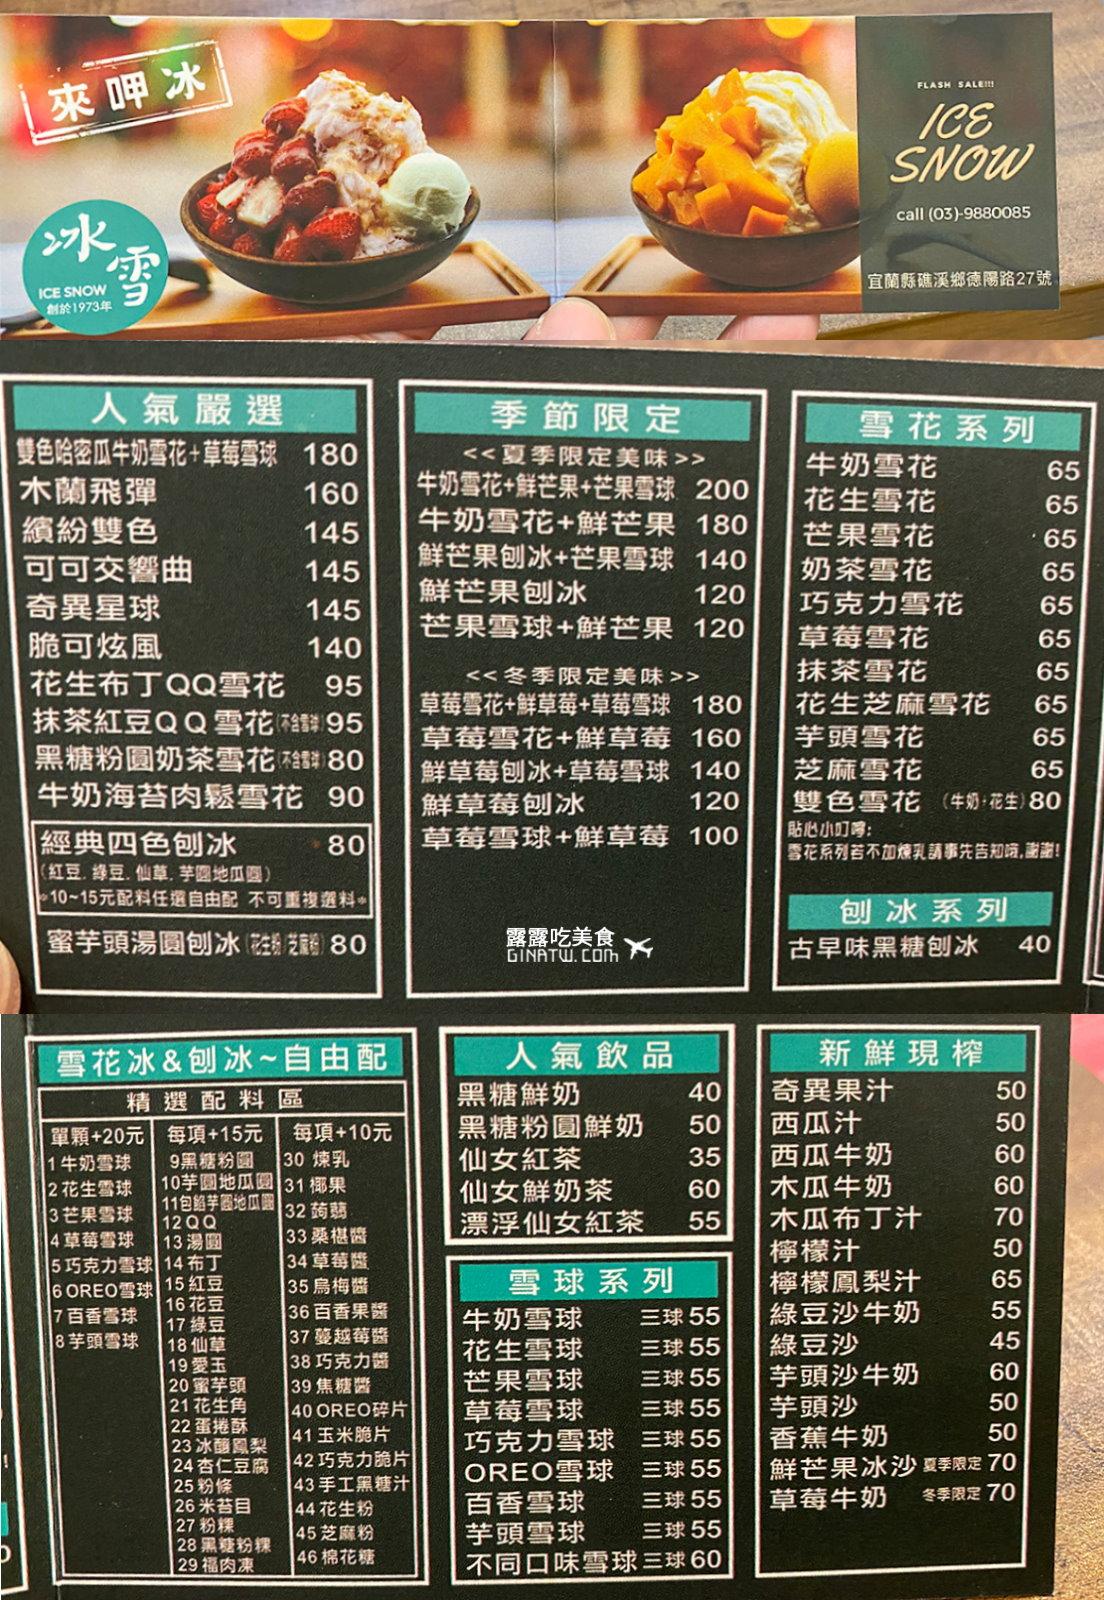 【冰雪礁溪店】宜蘭礁溪 必吃雪花冰-料多冰品店 附2021菜單 @GINA環球旅行生活